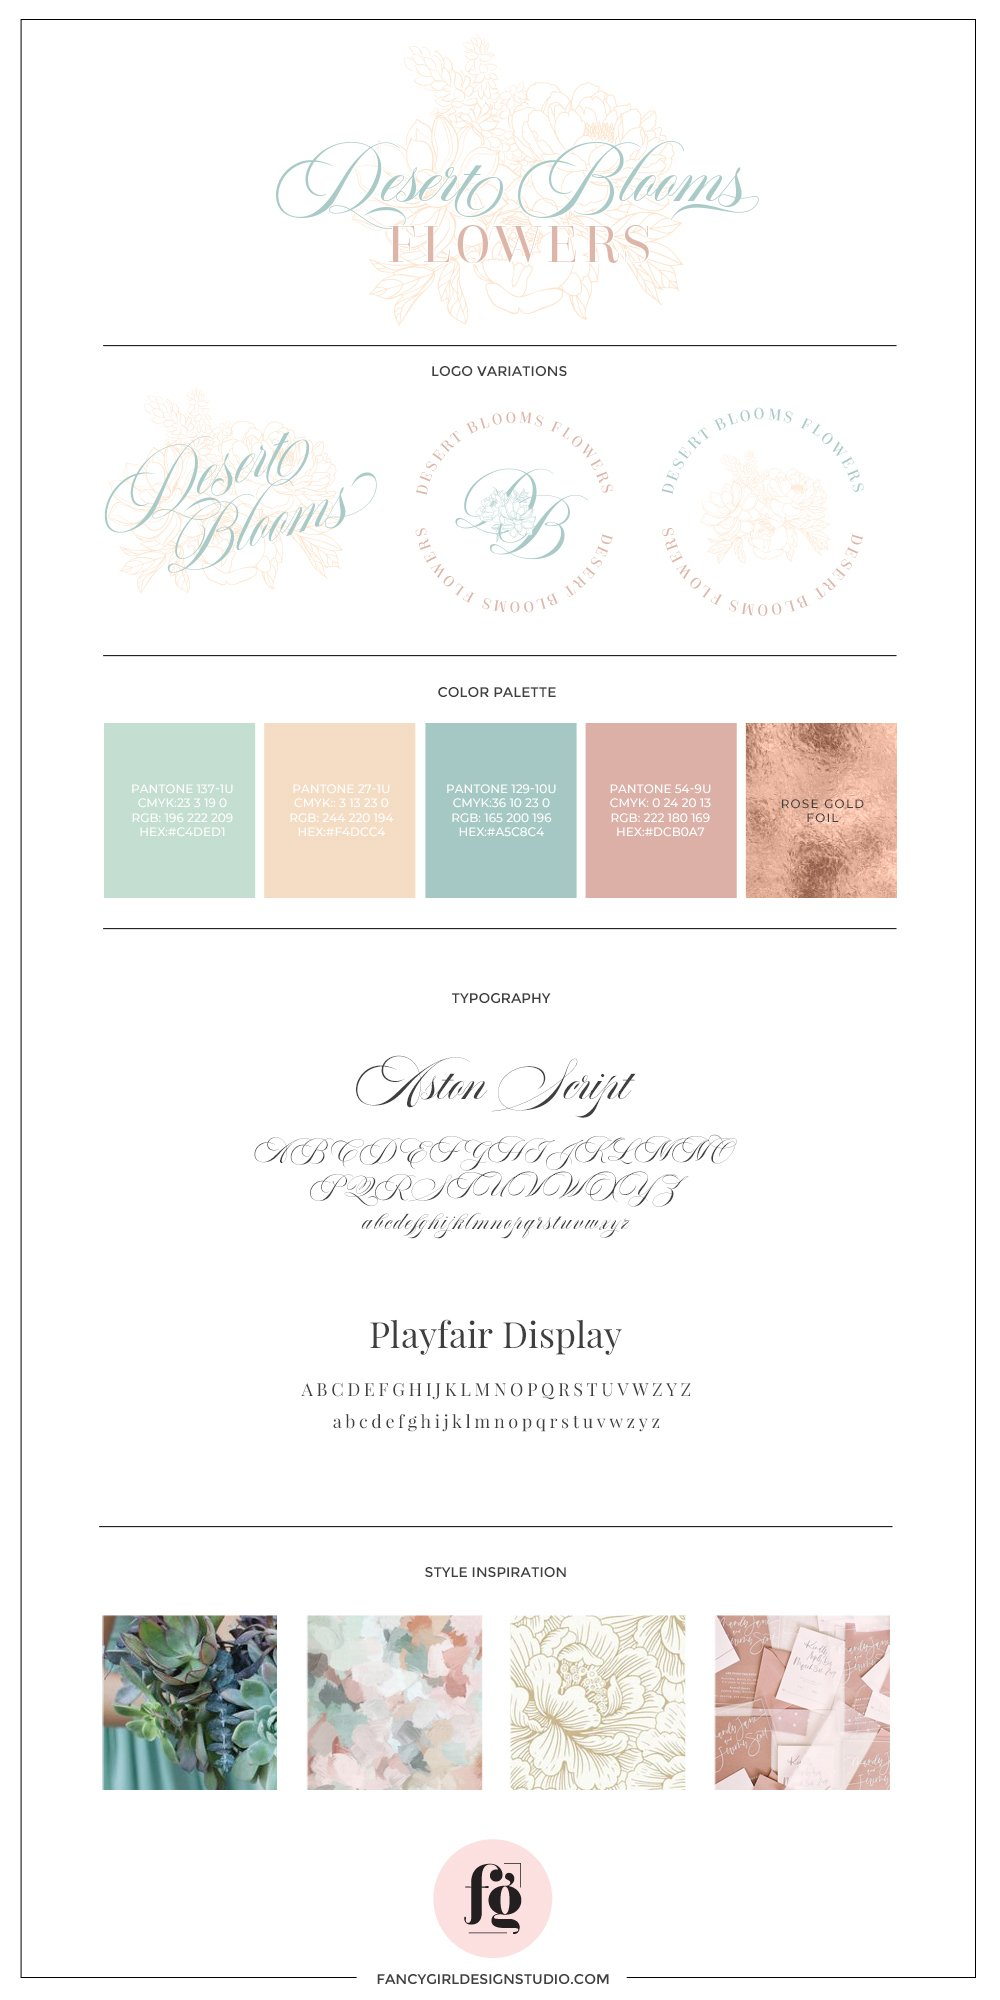 brand guide for Desert Blooms Flowers by Fancy Girl Design Studio